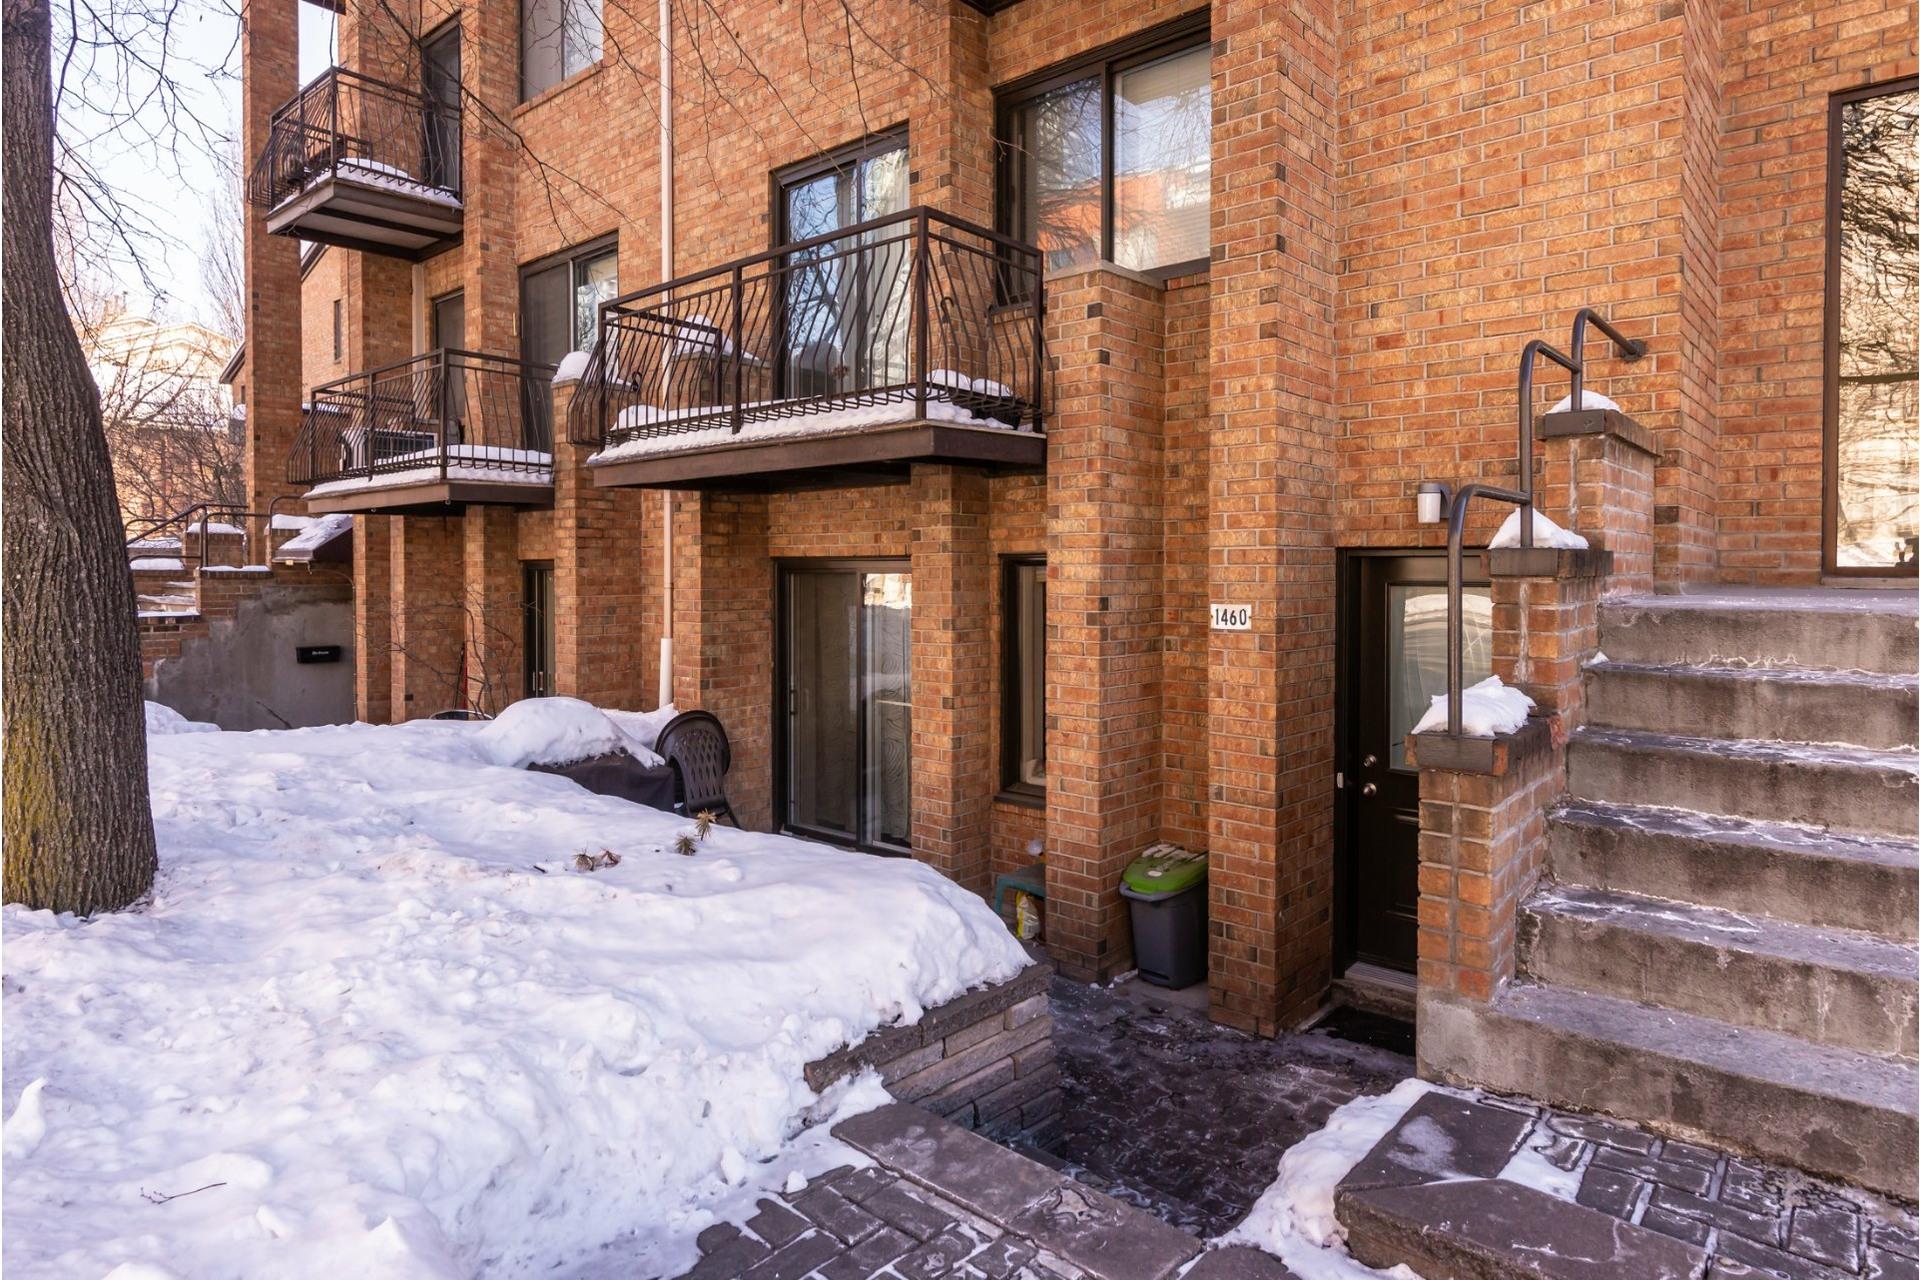 image 21 - Apartment For sale Ville-Marie Montréal  - 6 rooms